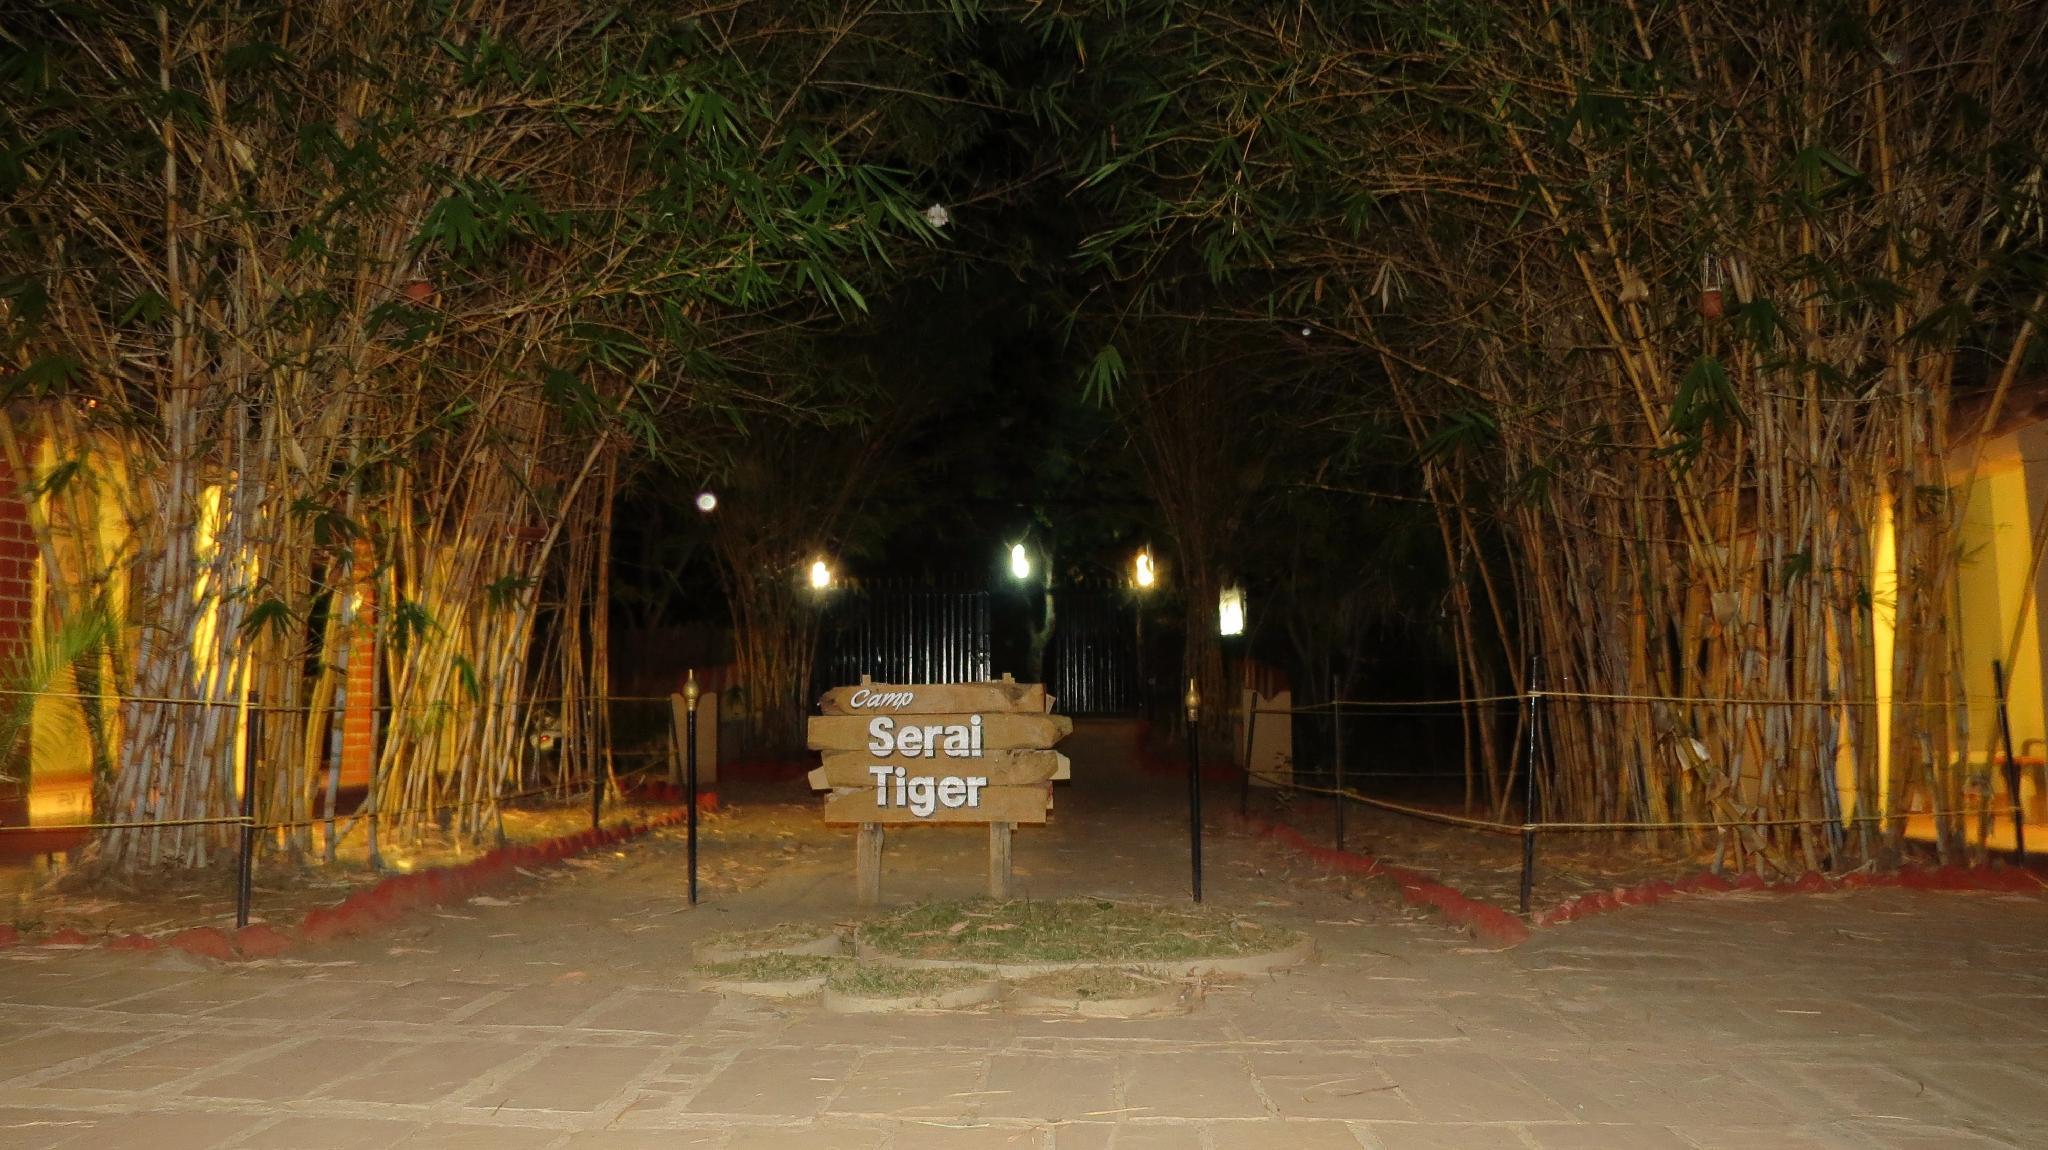 Camp Serai Tiger